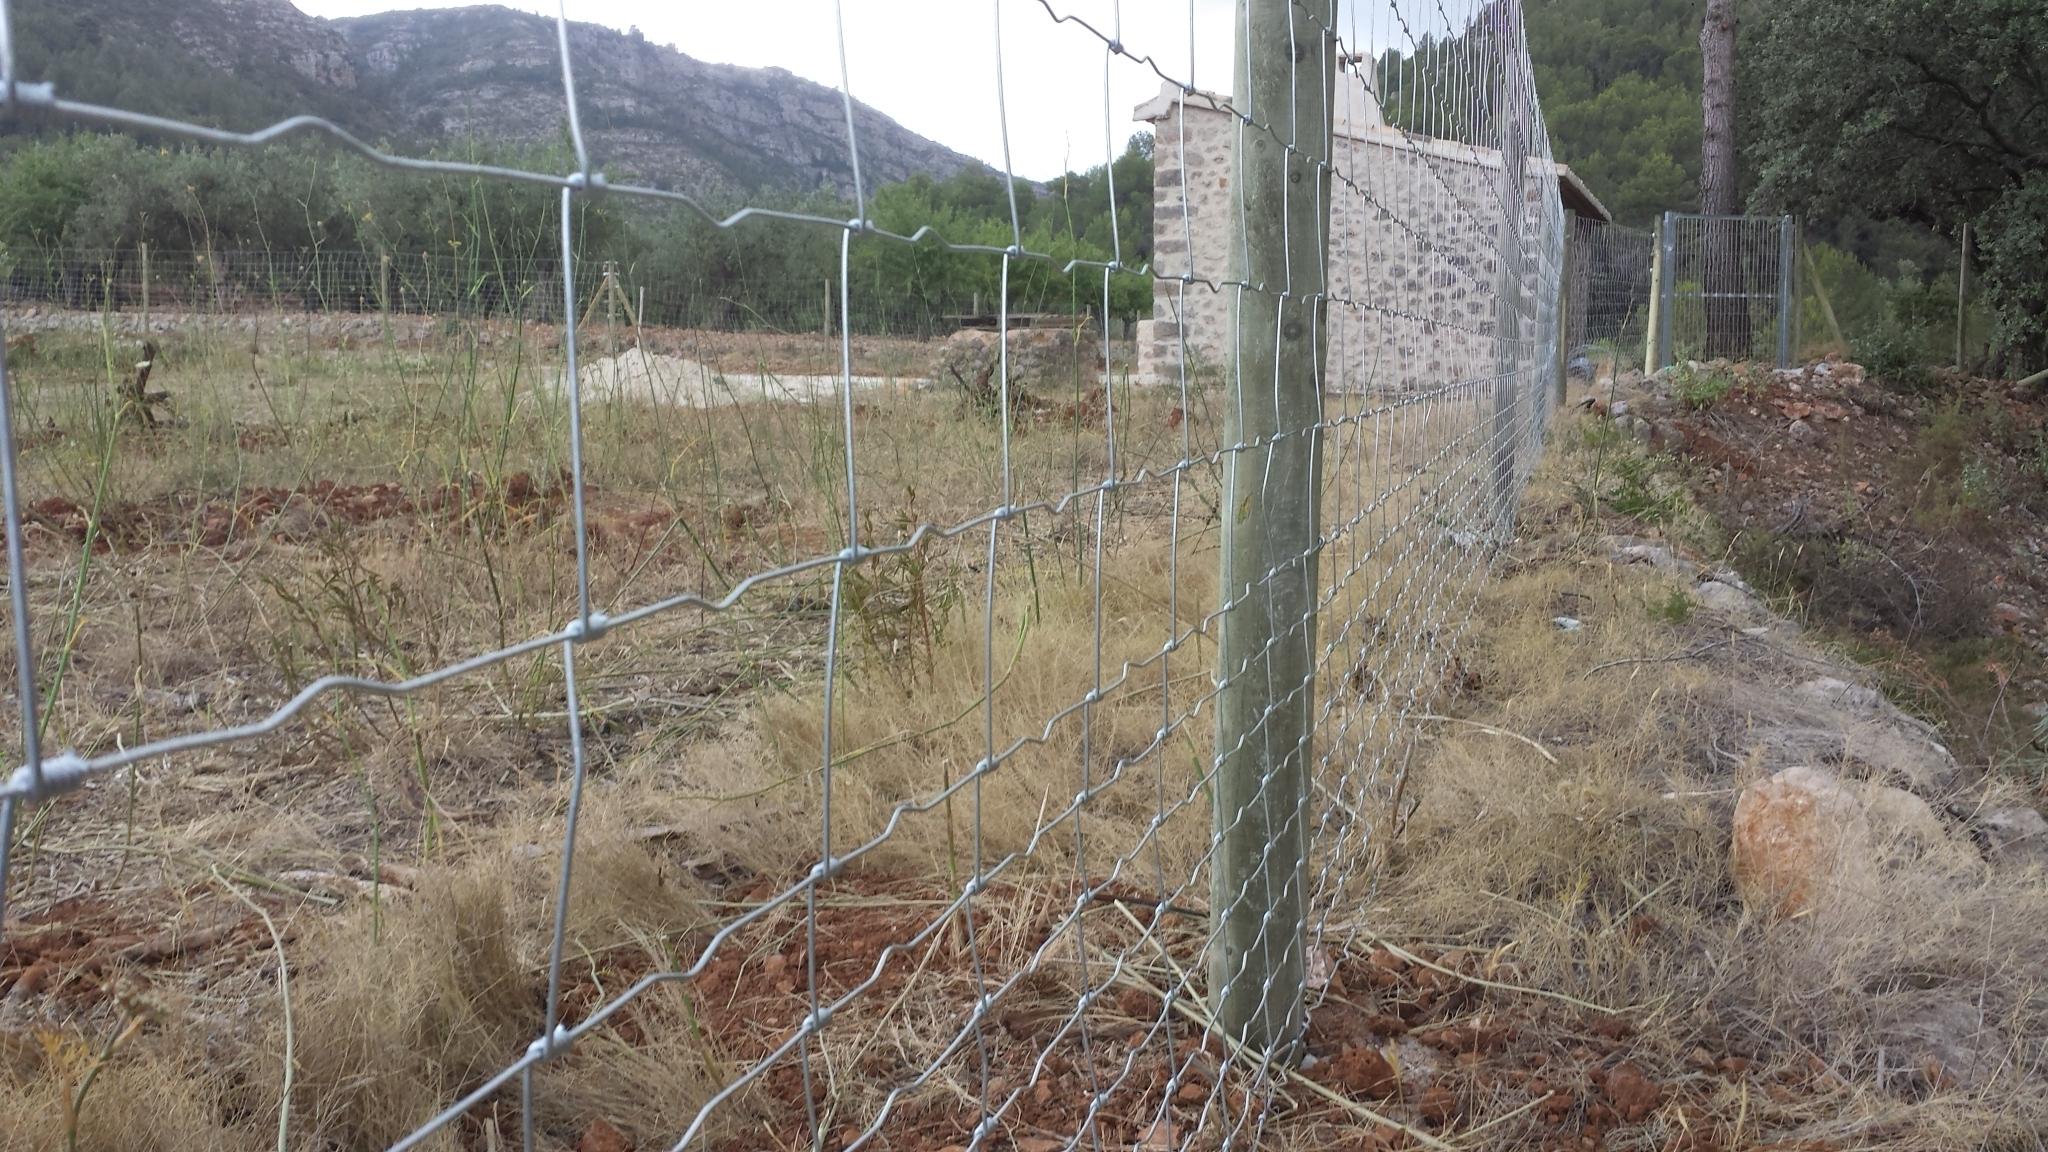 Valla finca con cercado metalico economico - Cercado de madera ...